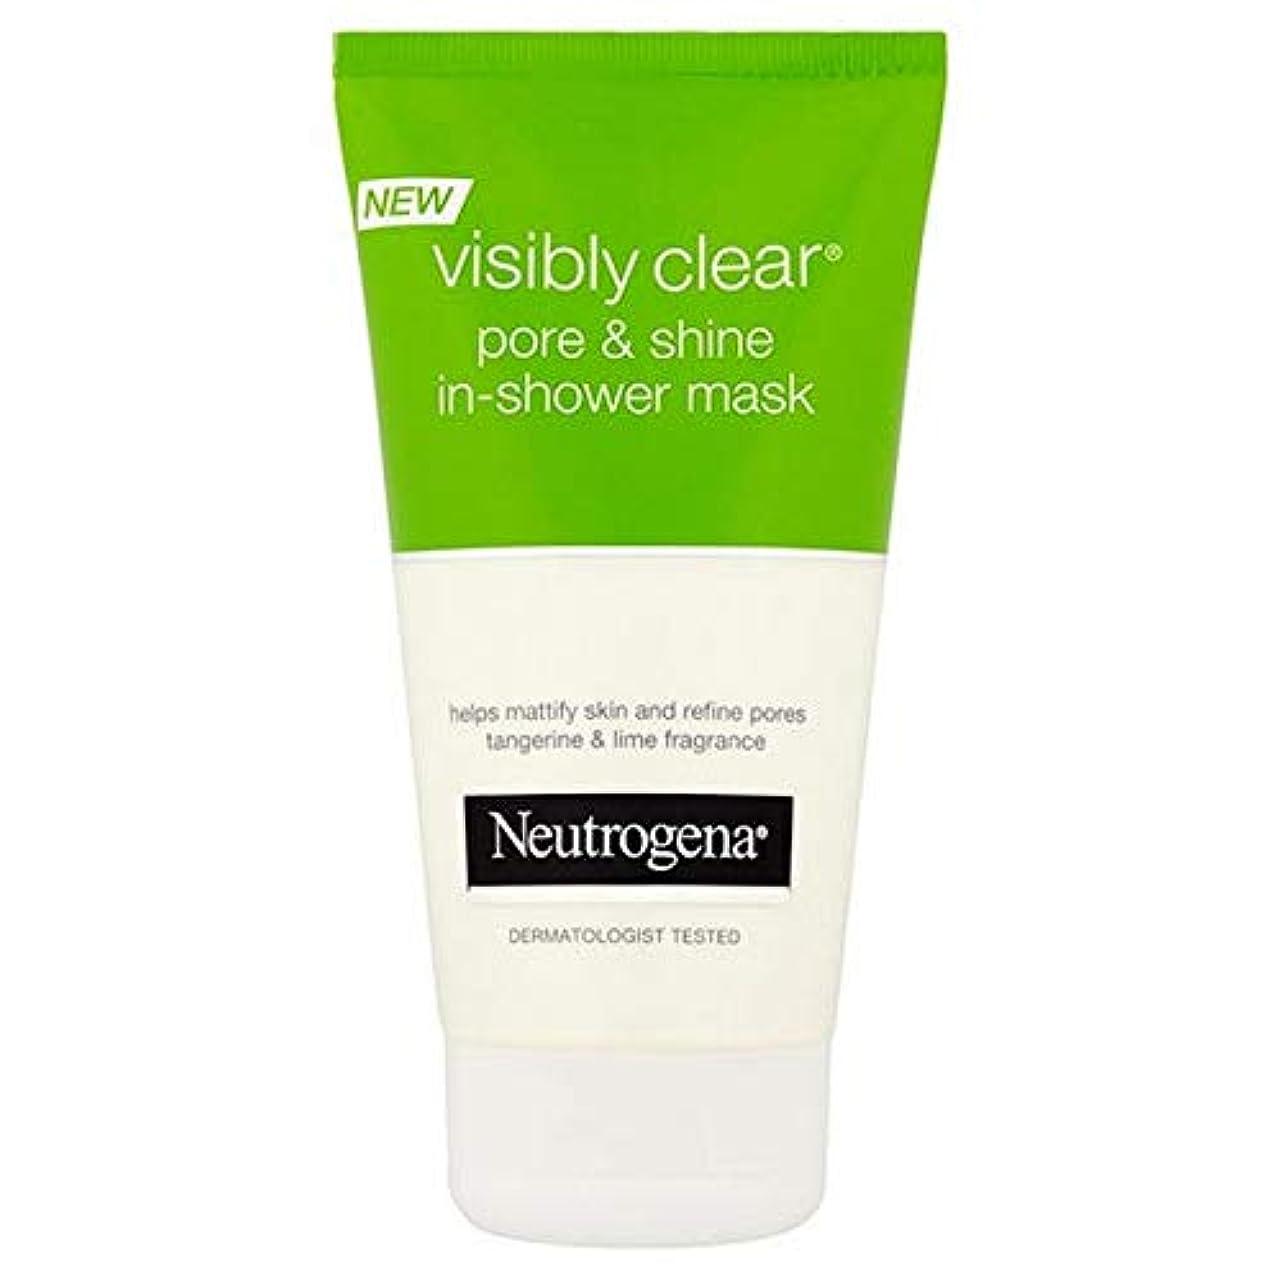 少ない放射する必需品[Neutrogena] シャワーマスク150ミリリットルでニュートロジーナ目に見えて明らかポア&輝き - Neutrogena Visibly Clear Pore & Shine In Shower Mask 150ml...